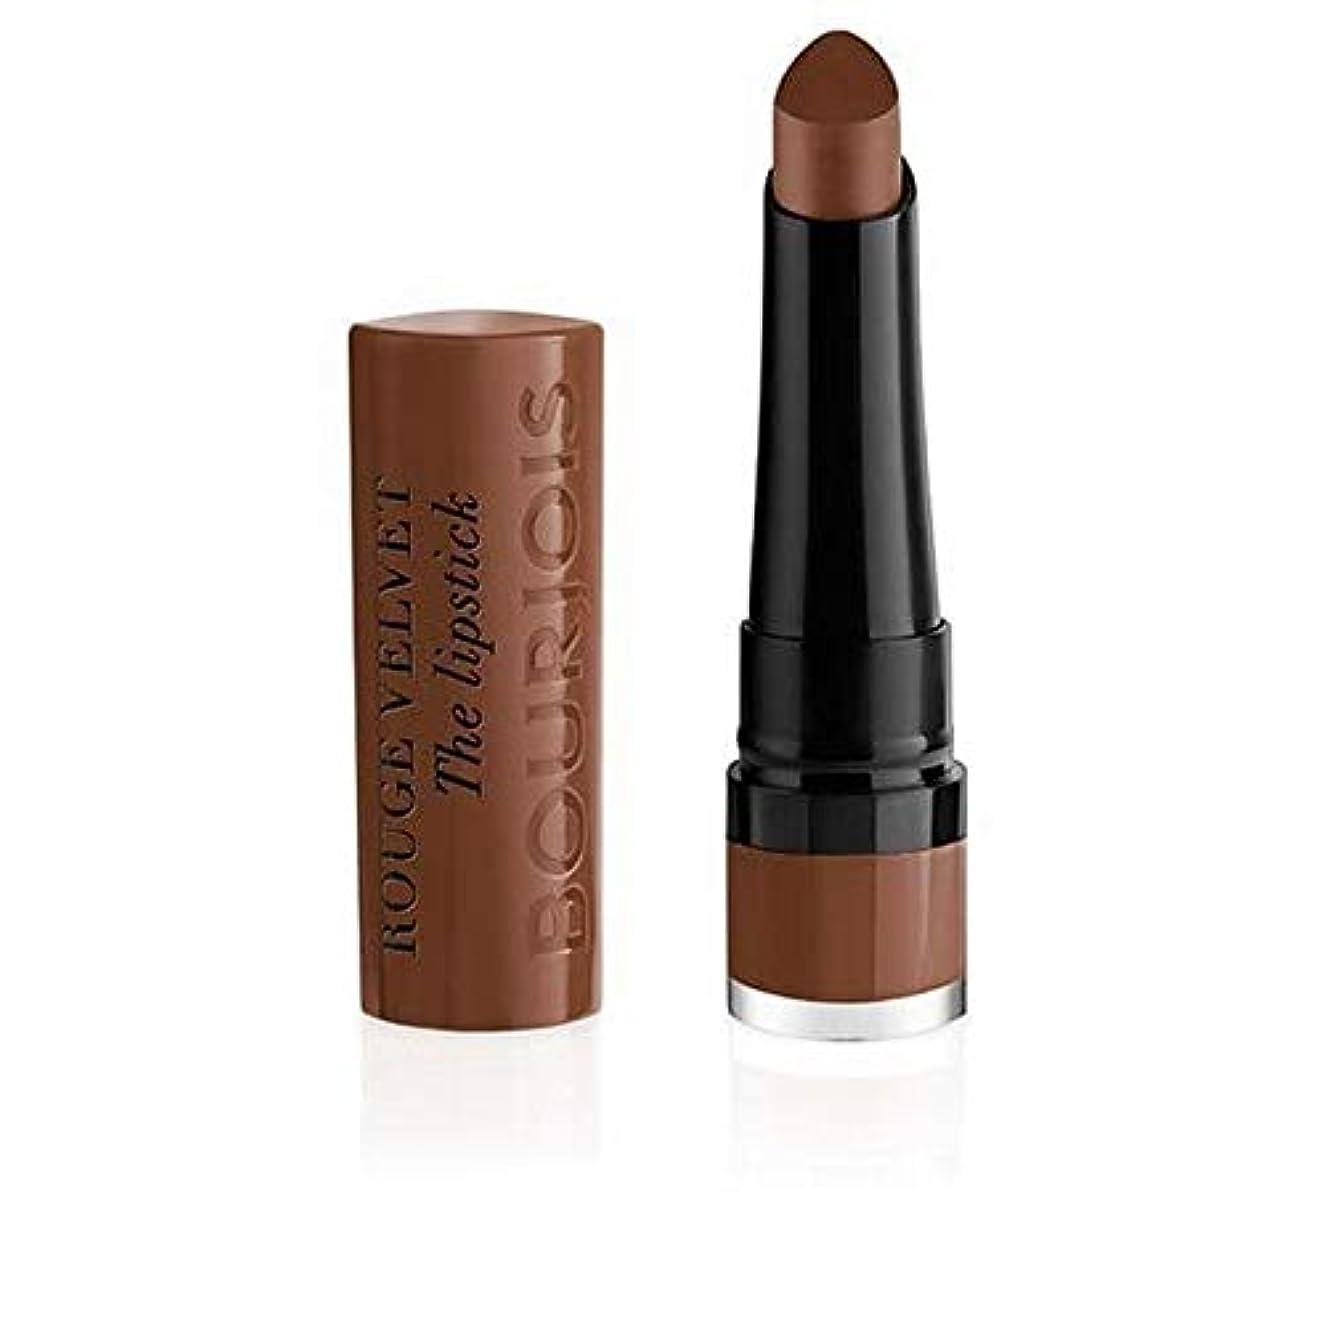 一節ドラフトじゃない[Bourjois ] ブルジョワルージュのベルベット口紅 - Brownette 14 - Bourjois Rouge Velvet The Lipstick - Brownette 14 [並行輸入品]